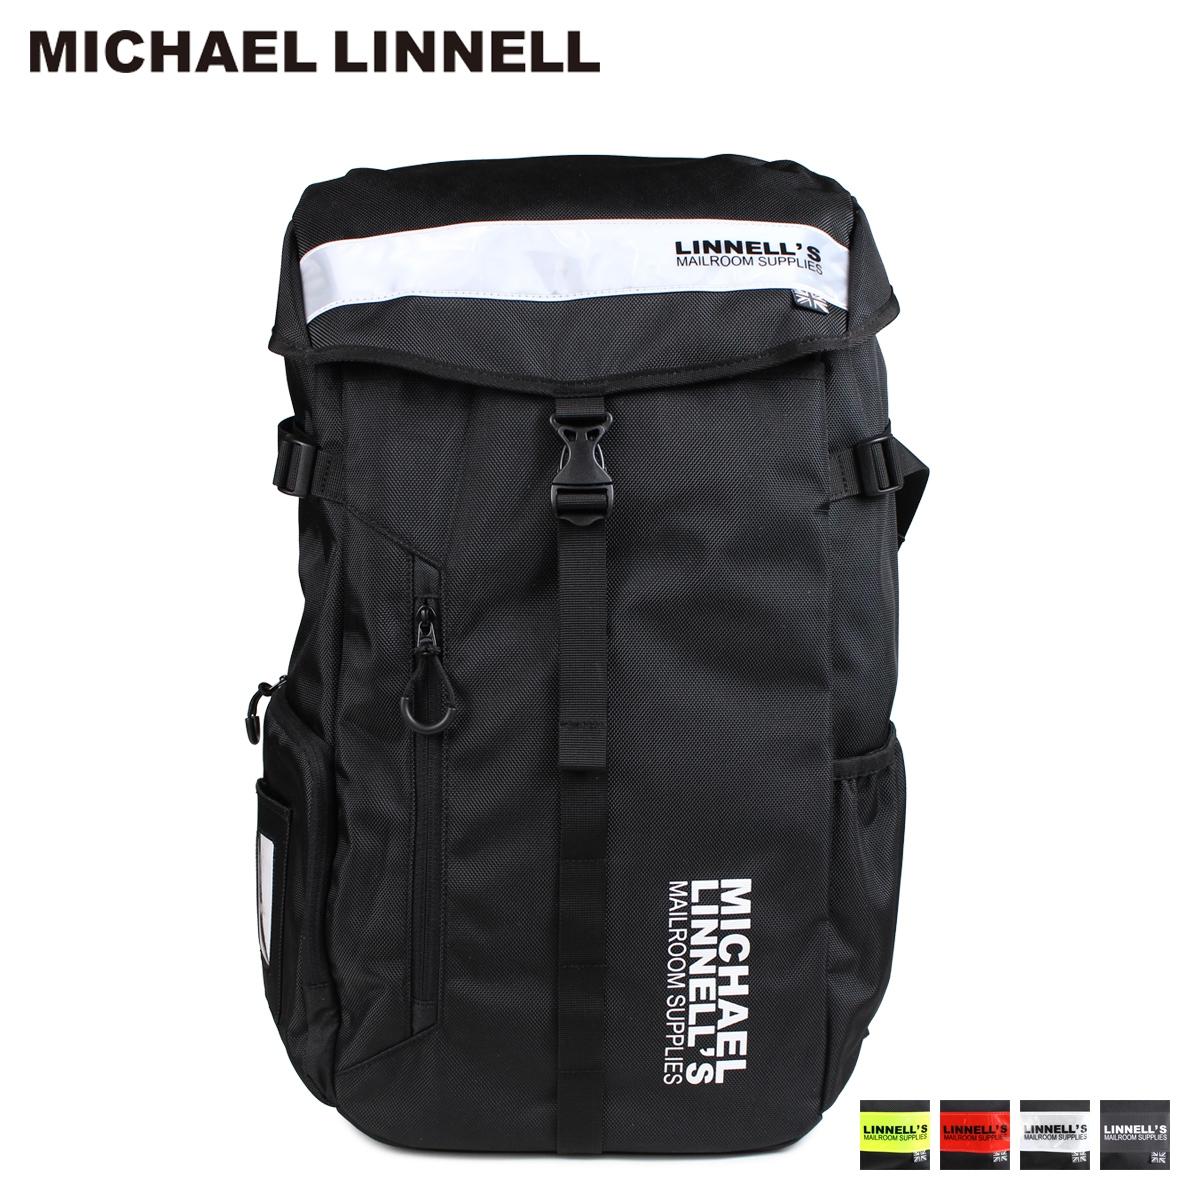 マイケルリンネル MICHAEL LINNELL リュック バッグ 30L メンズ レディース バックパック BIG BACKPACK ML-008 [10/19 新入荷]